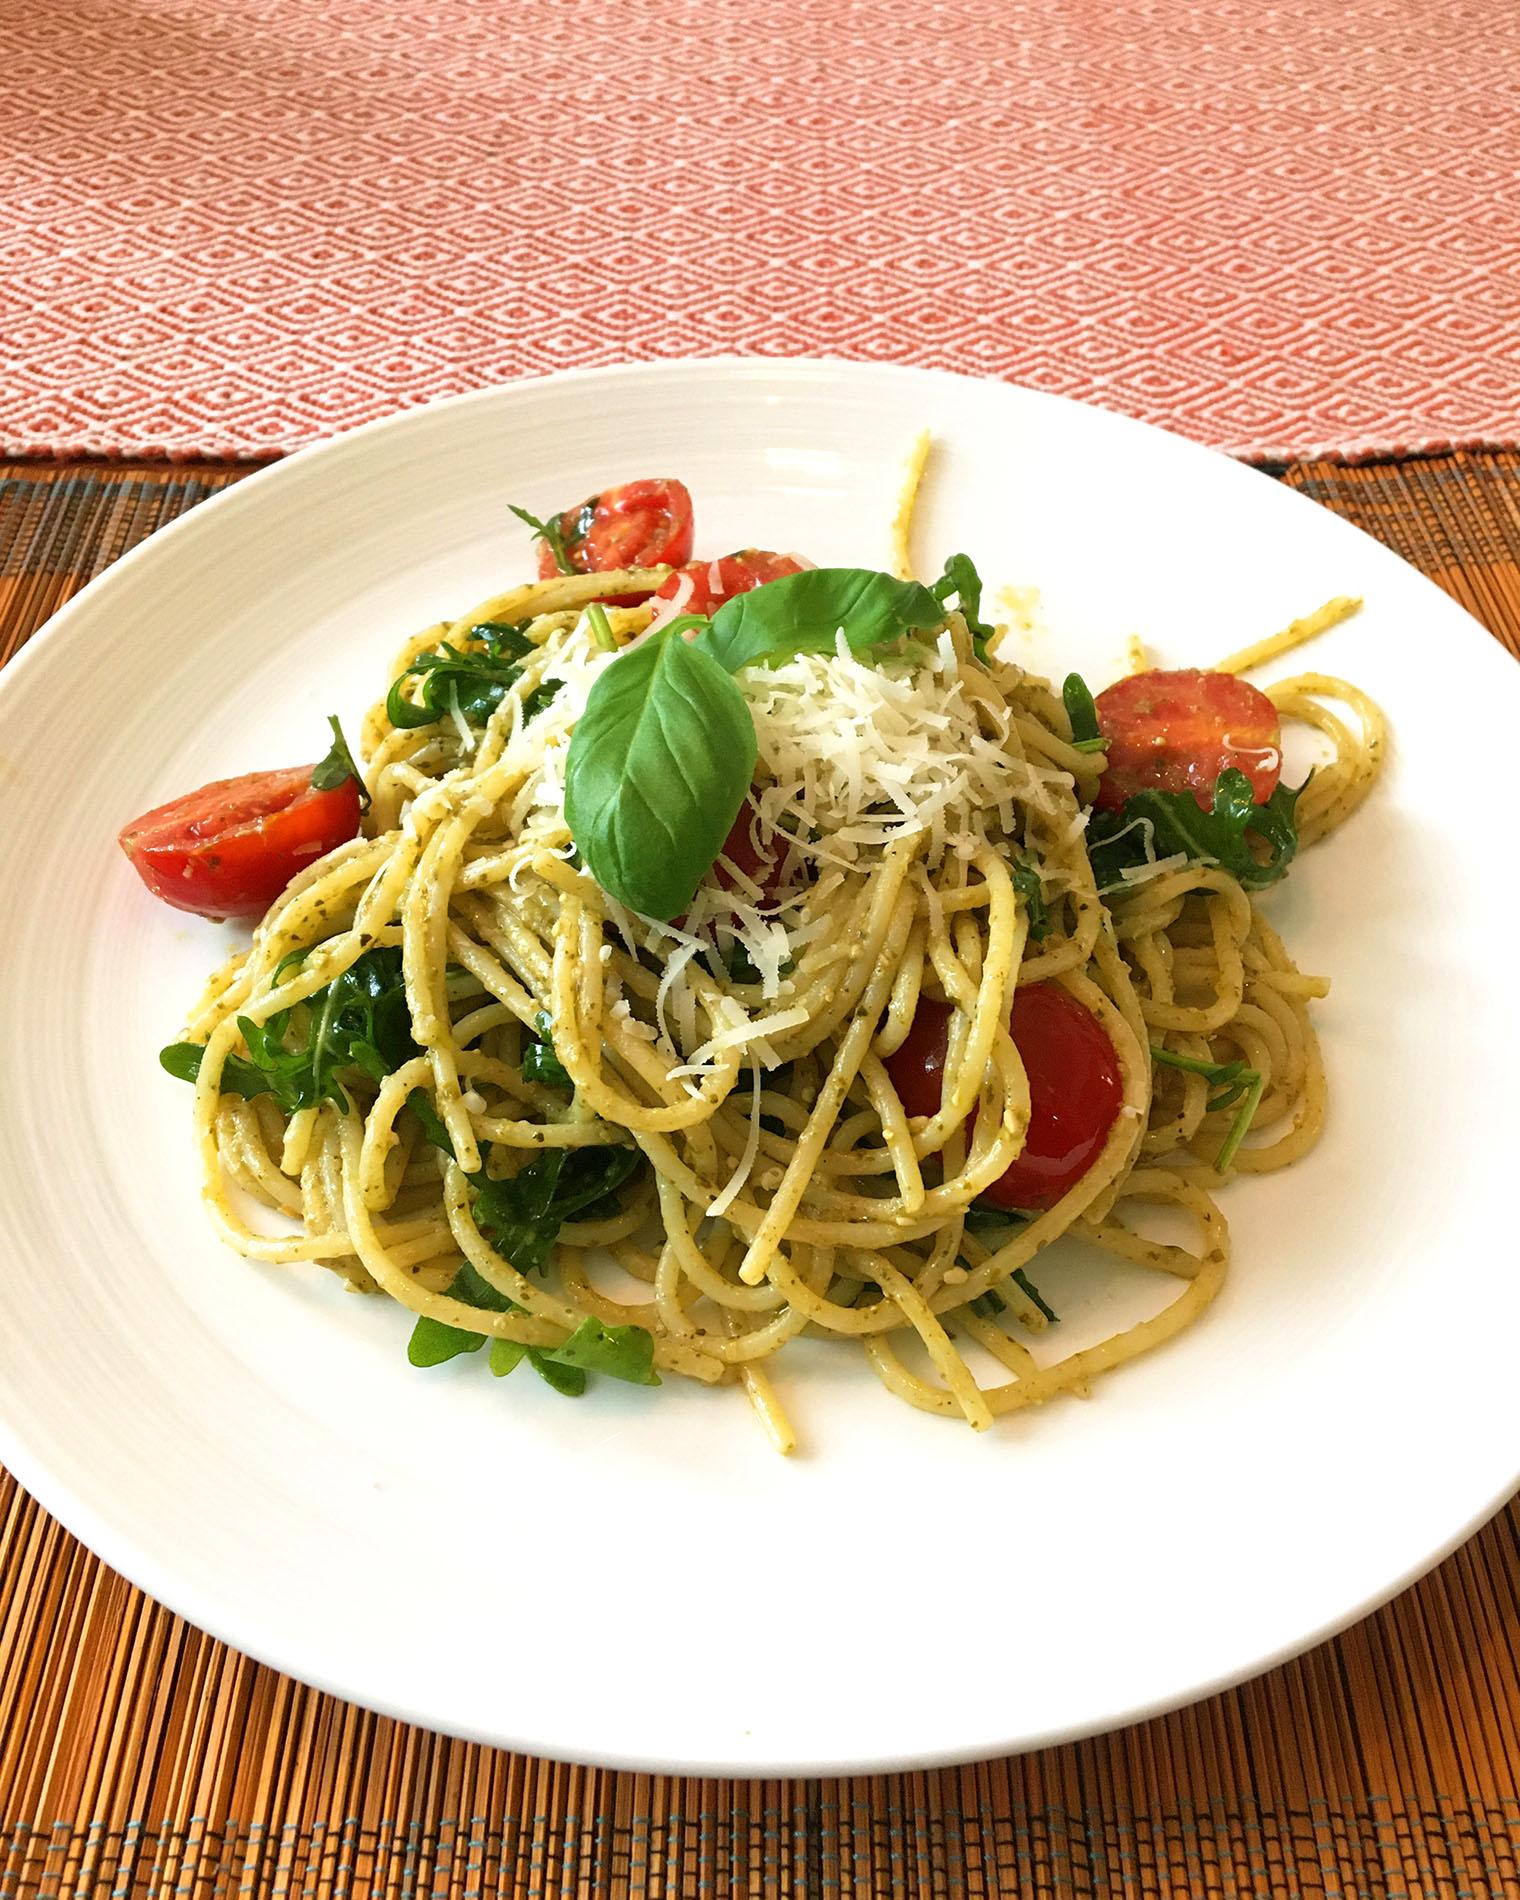 Original Pesto Pasta